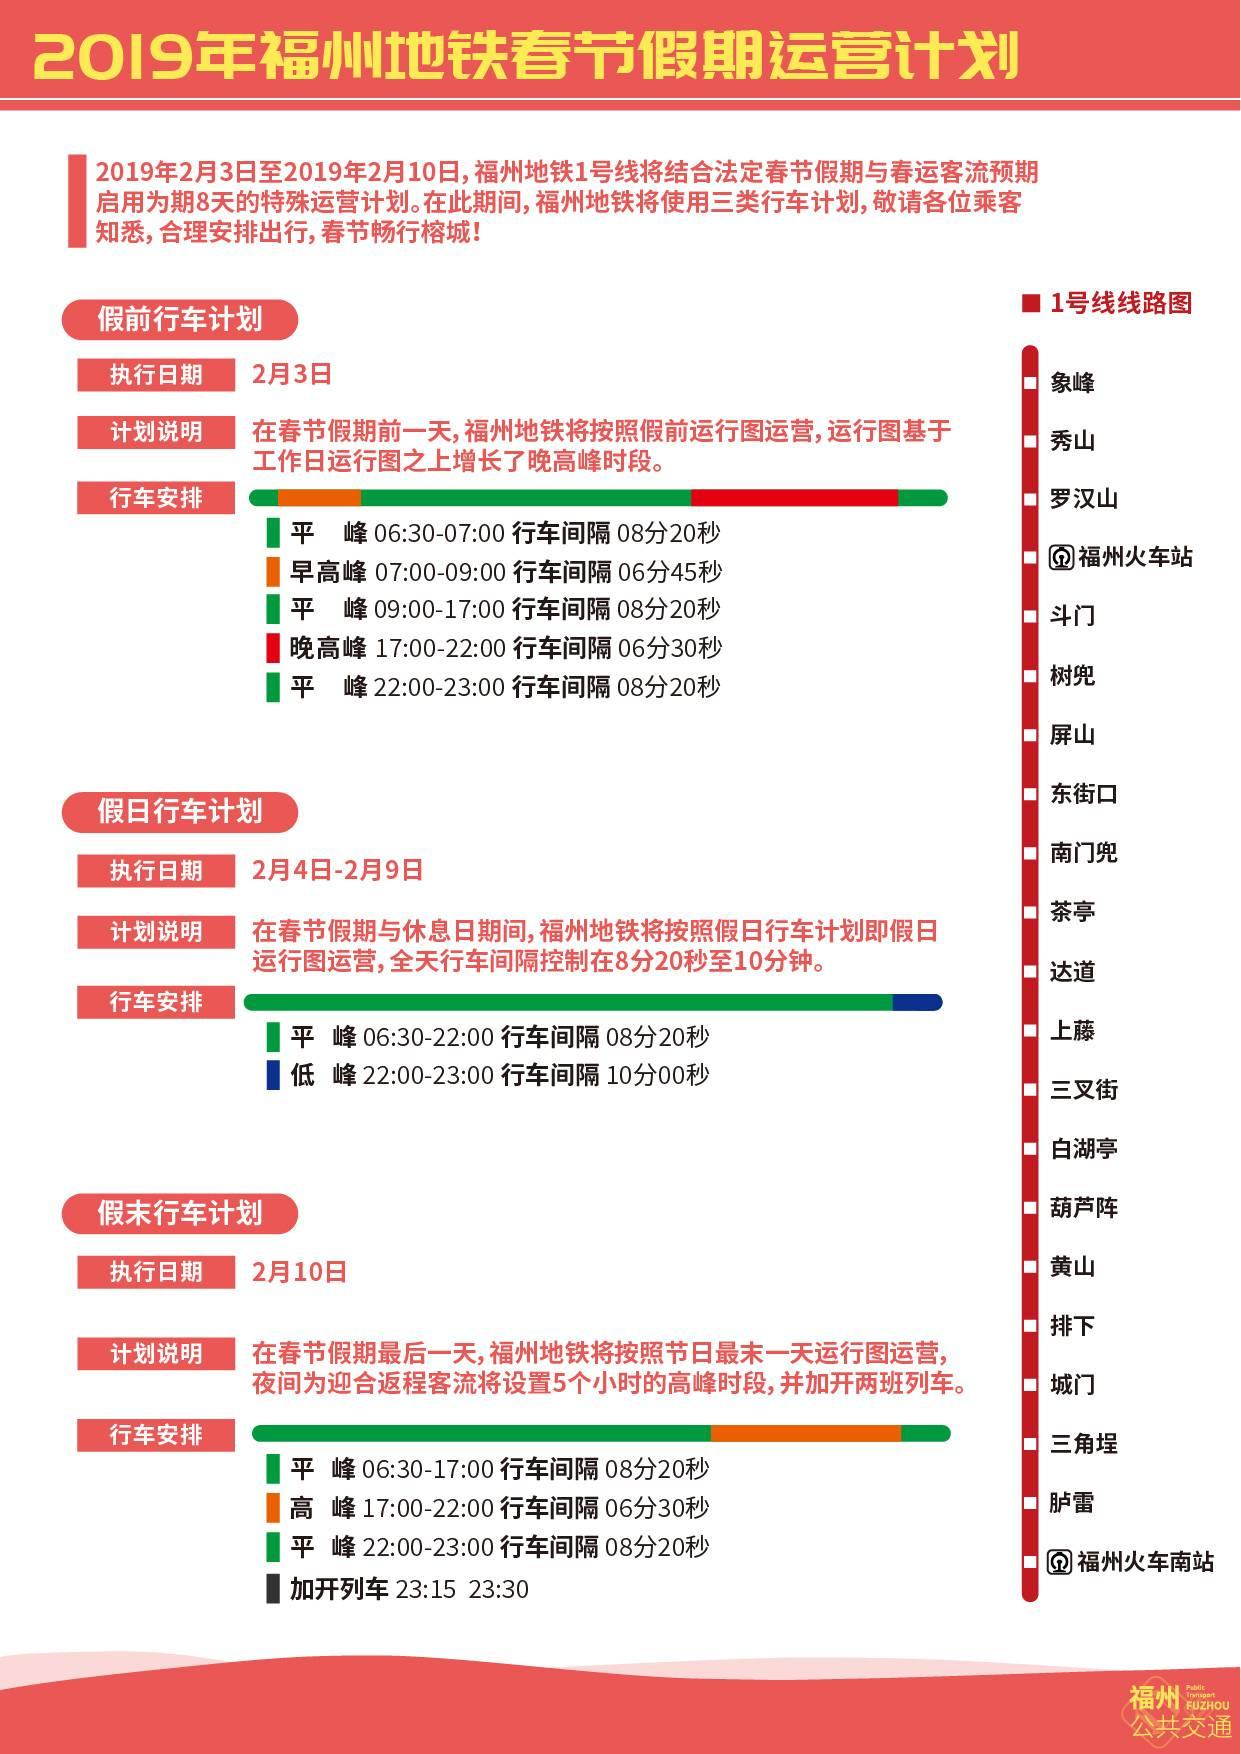 2019福州春节地铁运行图-01.jpg